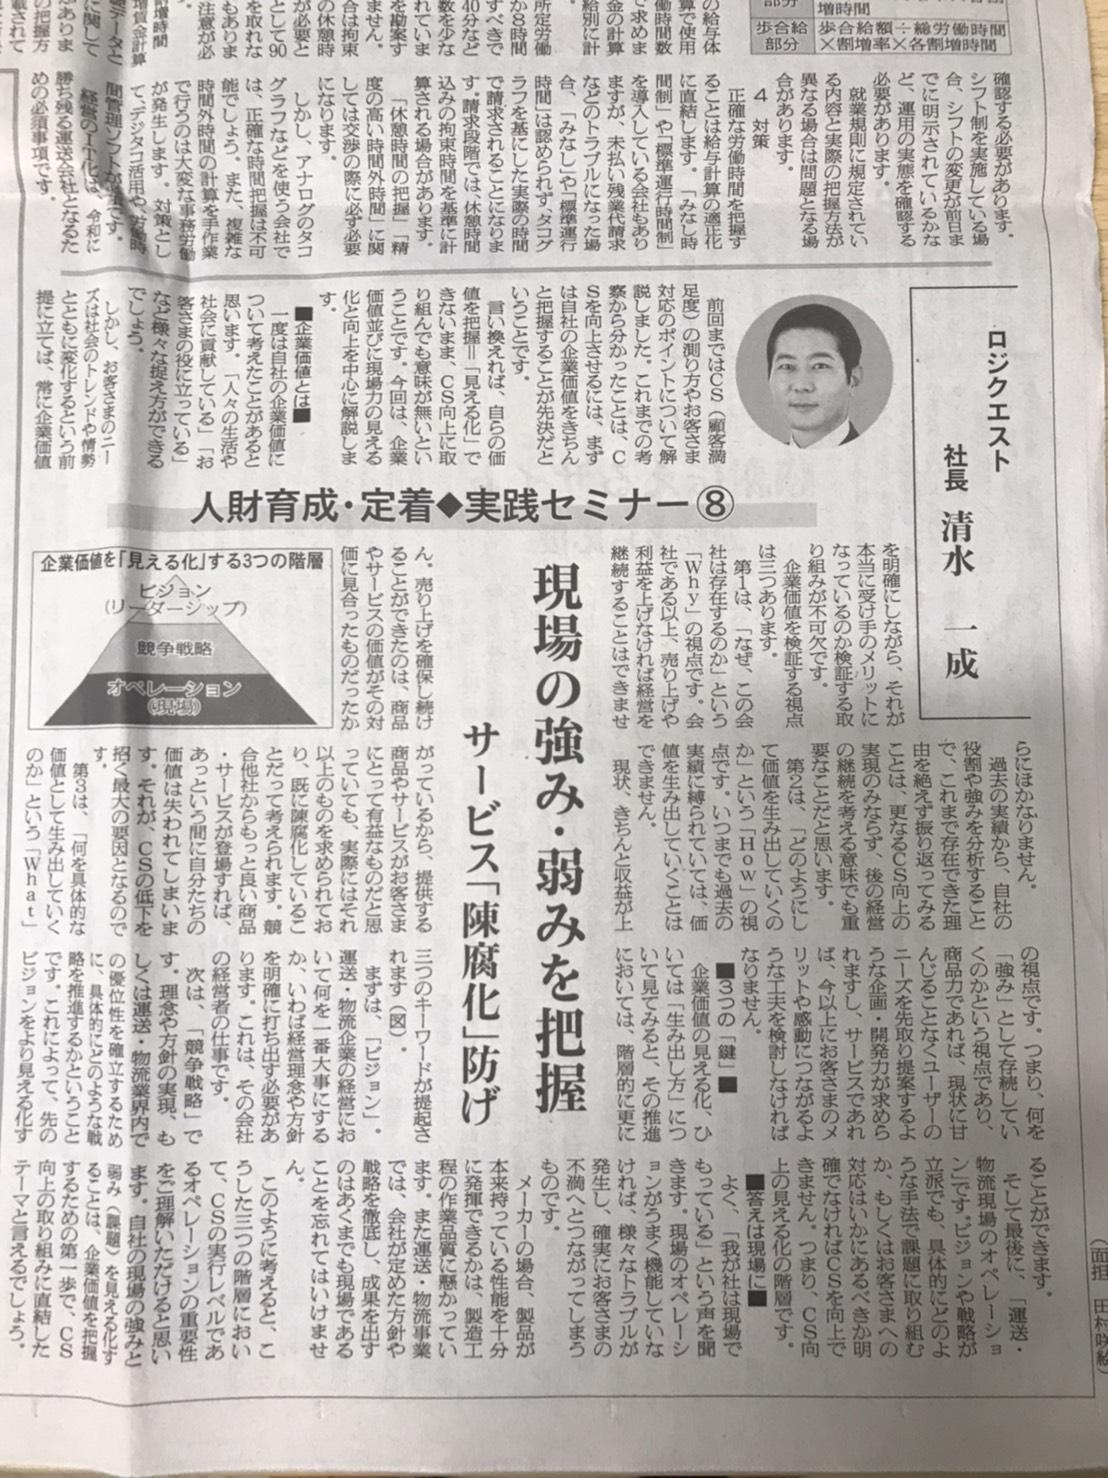 2020年6月19日「現場の強み・弱みを把握」~サービスの陳腐化を防げ~ 物流ニッポン新聞記事掲載